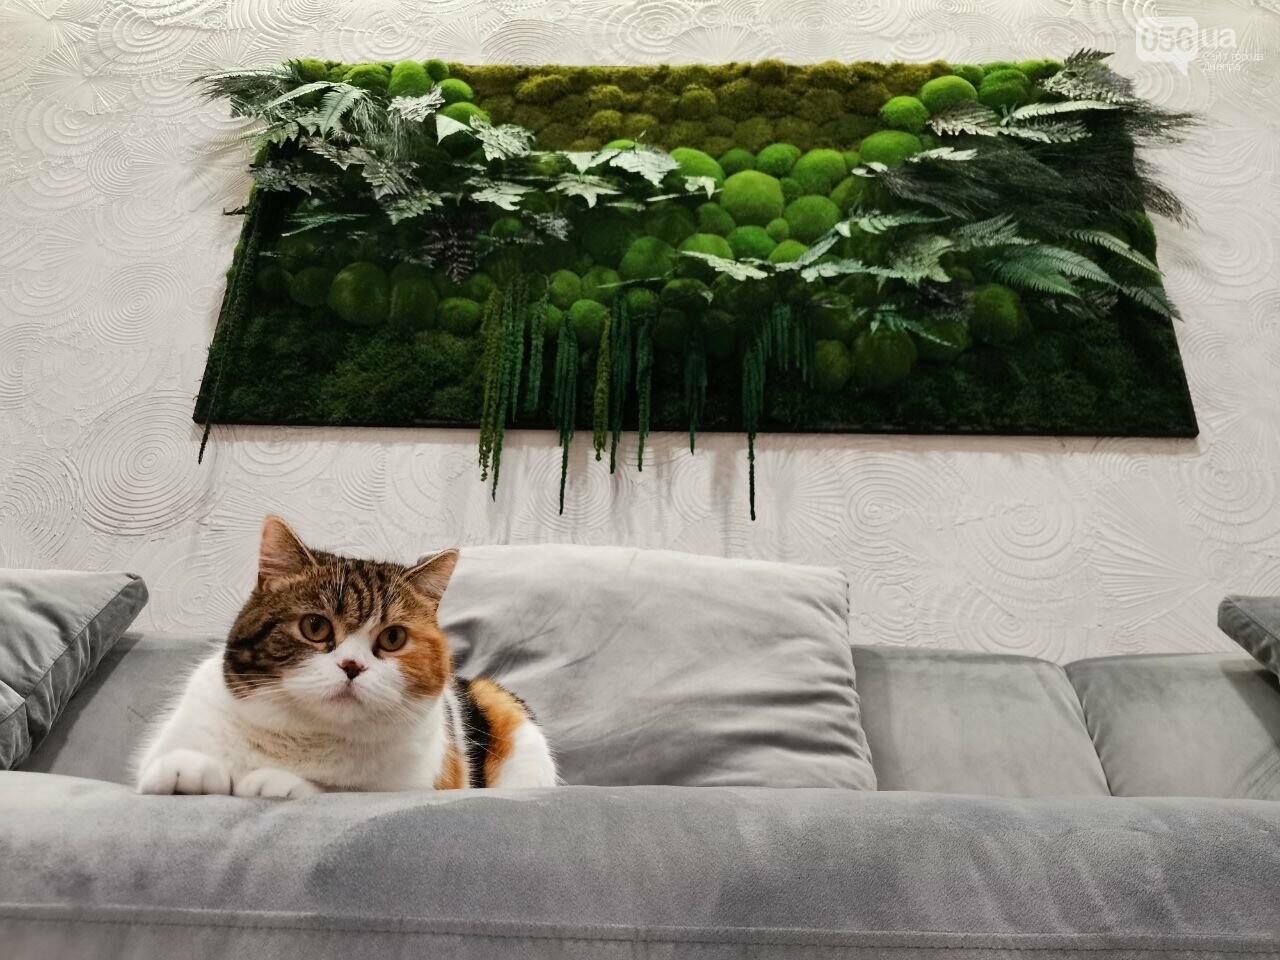 Днепрянин «рисует» картины мхом: как одна картина привела к возникновению своего дела, фото-6